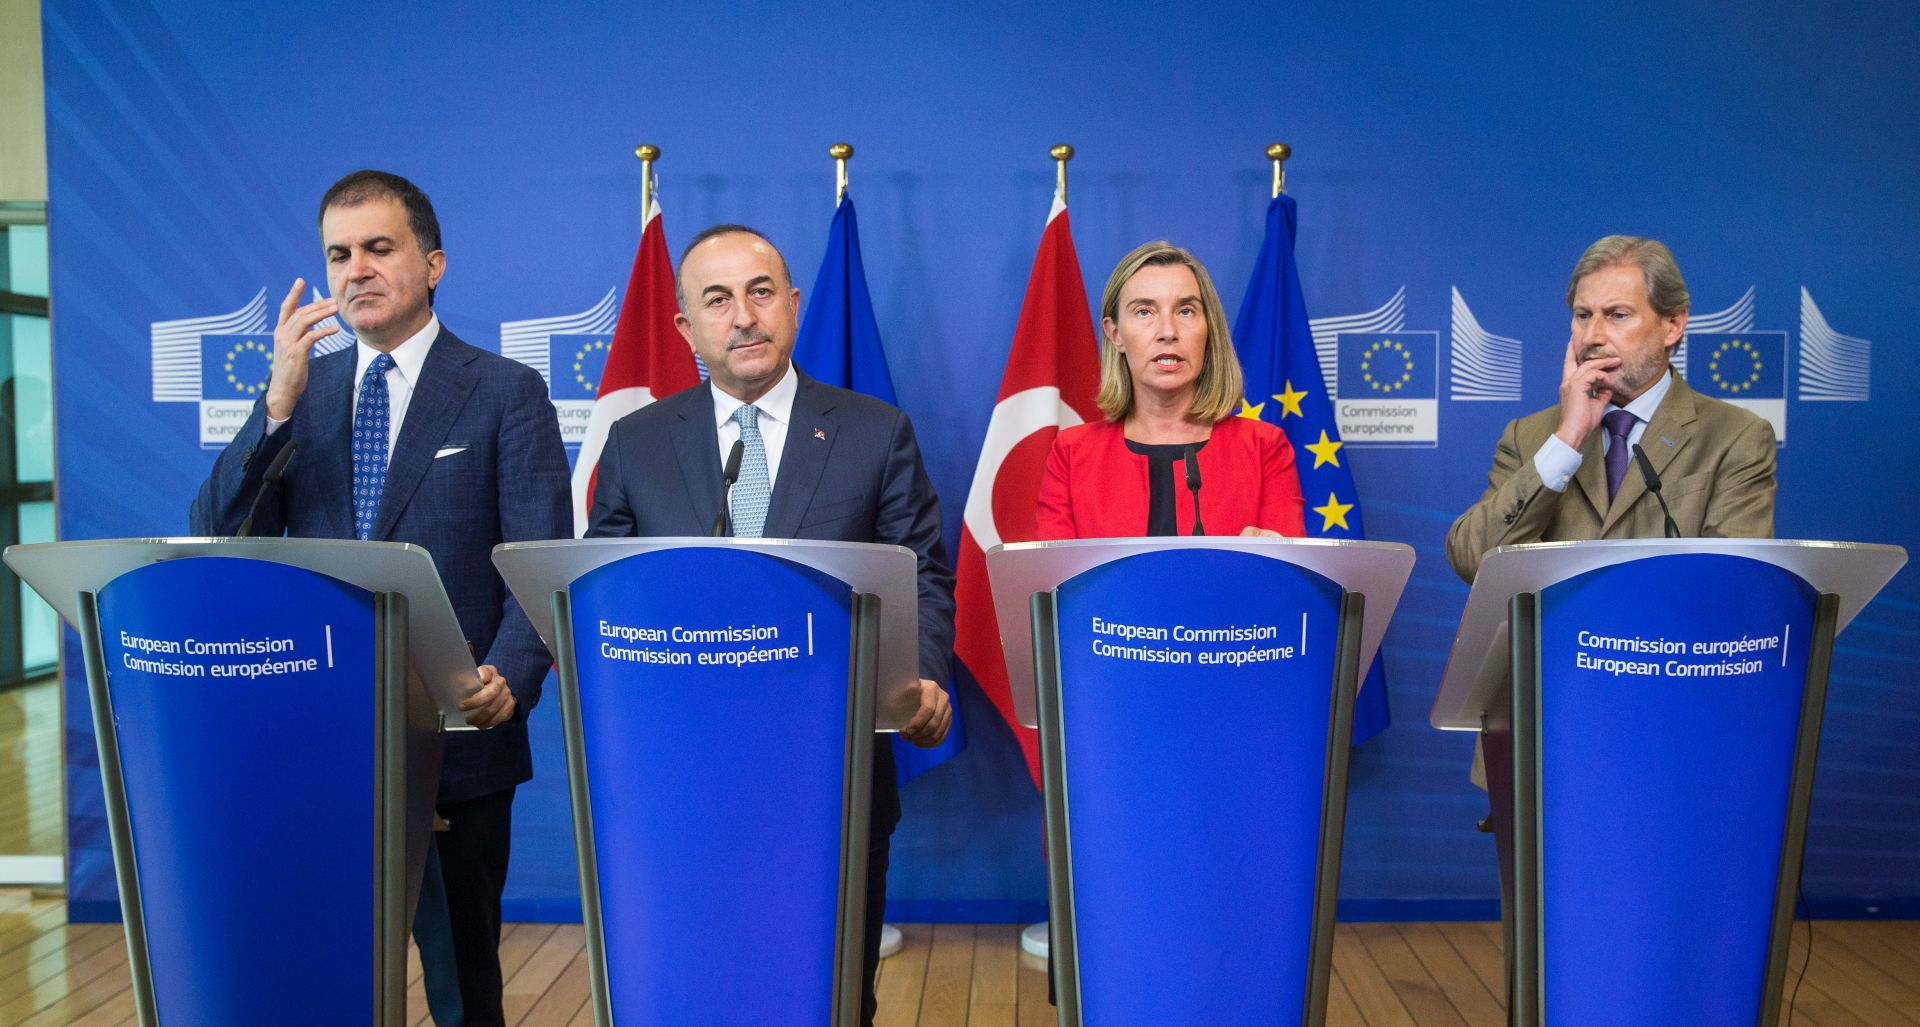 Poštivanje prava 'imperativ' za tursko pridruživanje EU-u